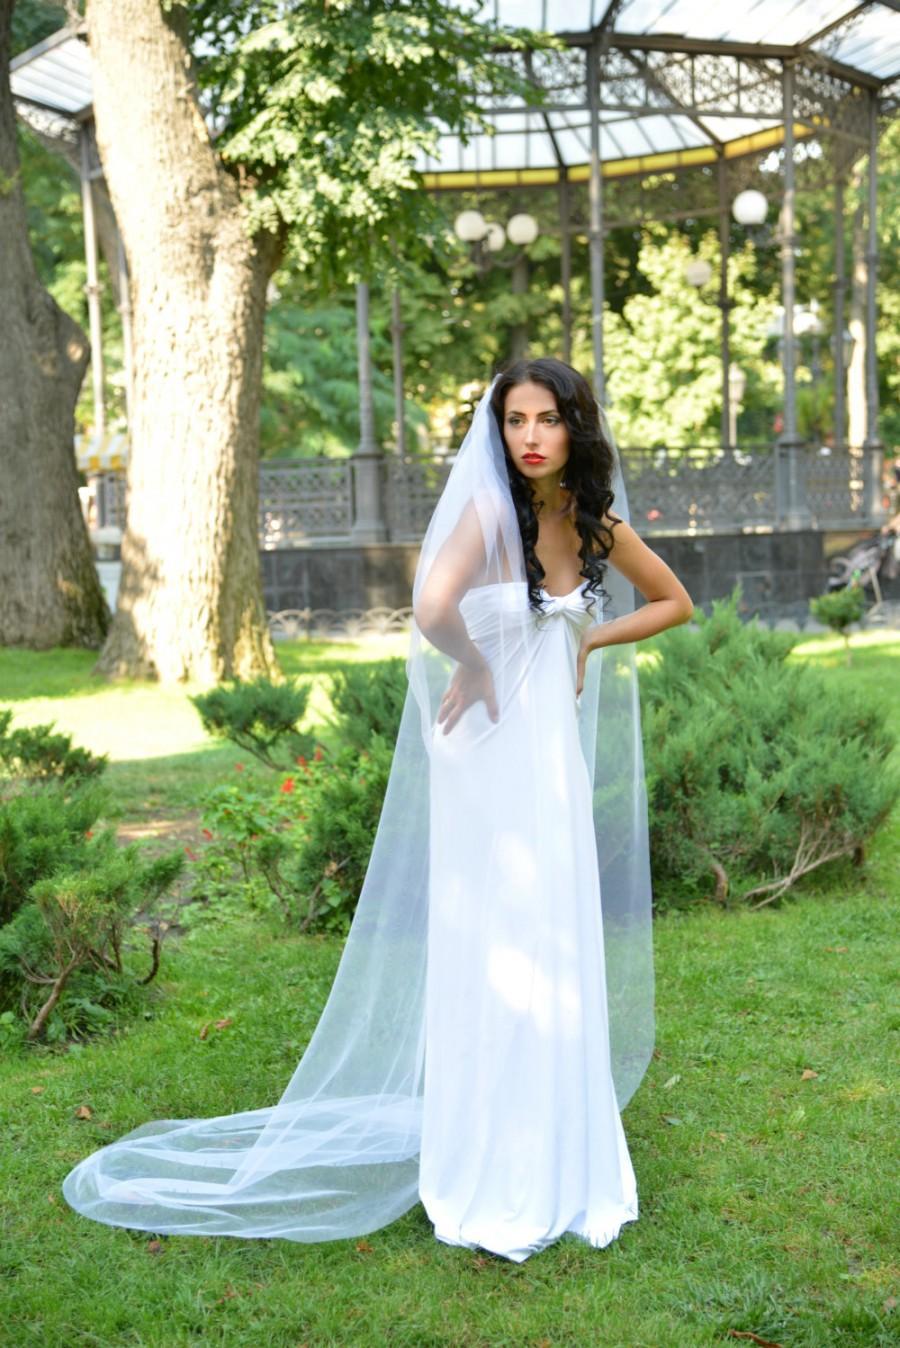 Свадьба - Simple wedding veil, Bridal veil long, single tier, 88 inches, Cathedral Wedding Veil, Chapel Ivory Veil, White veil, veils